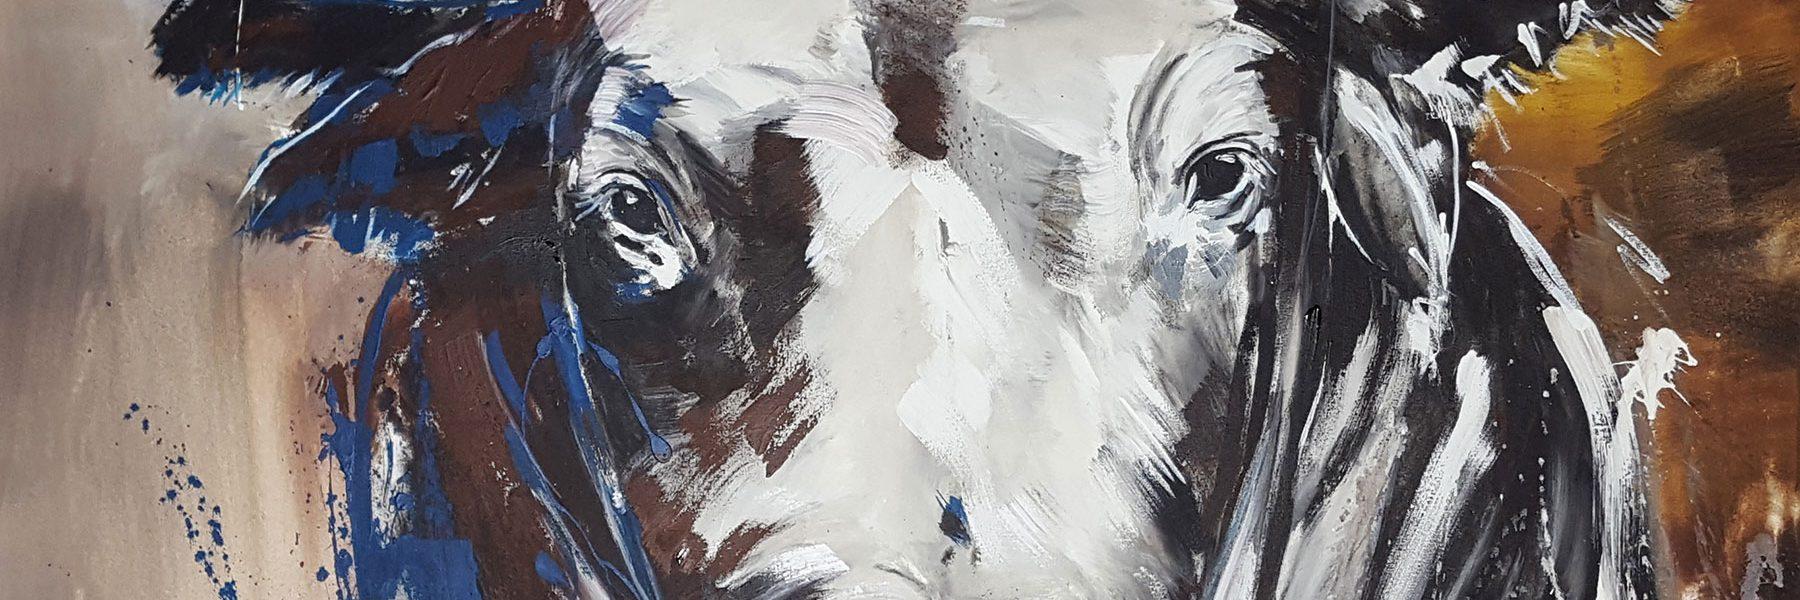 TAURUS zeitgenössische Malerei auf großformatiger Leinwand